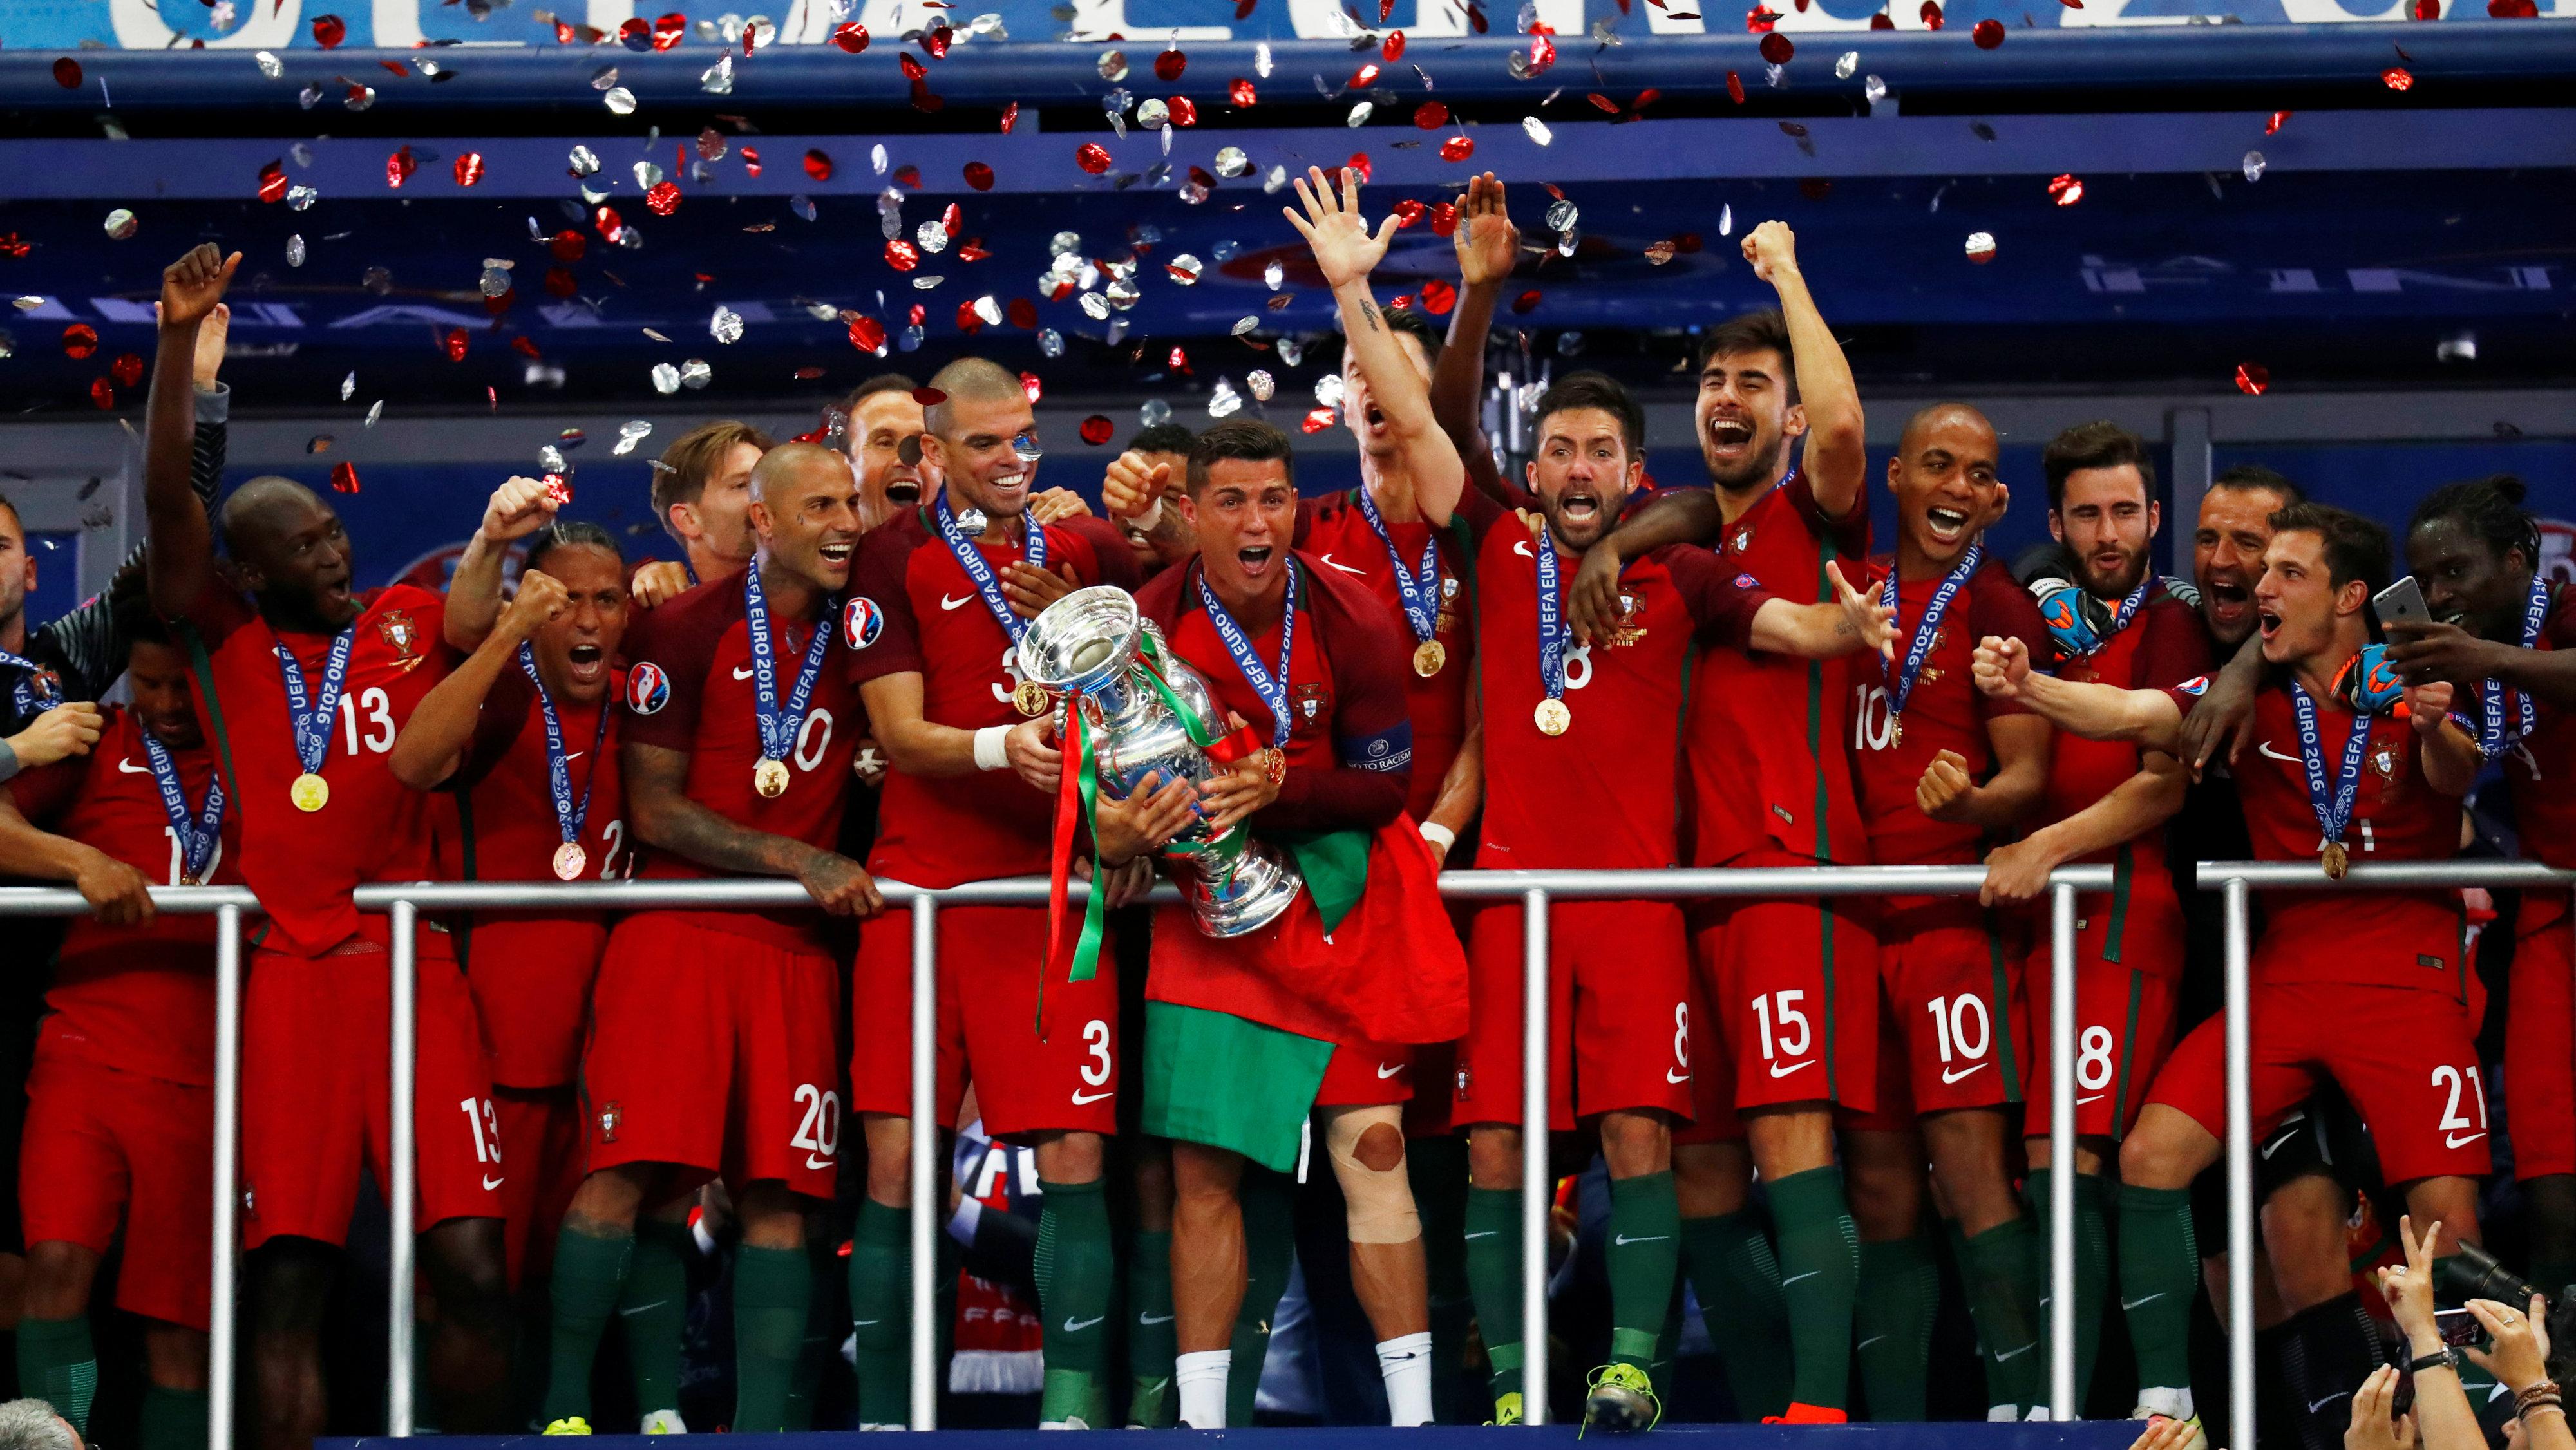 Portuguese football team celebrates.